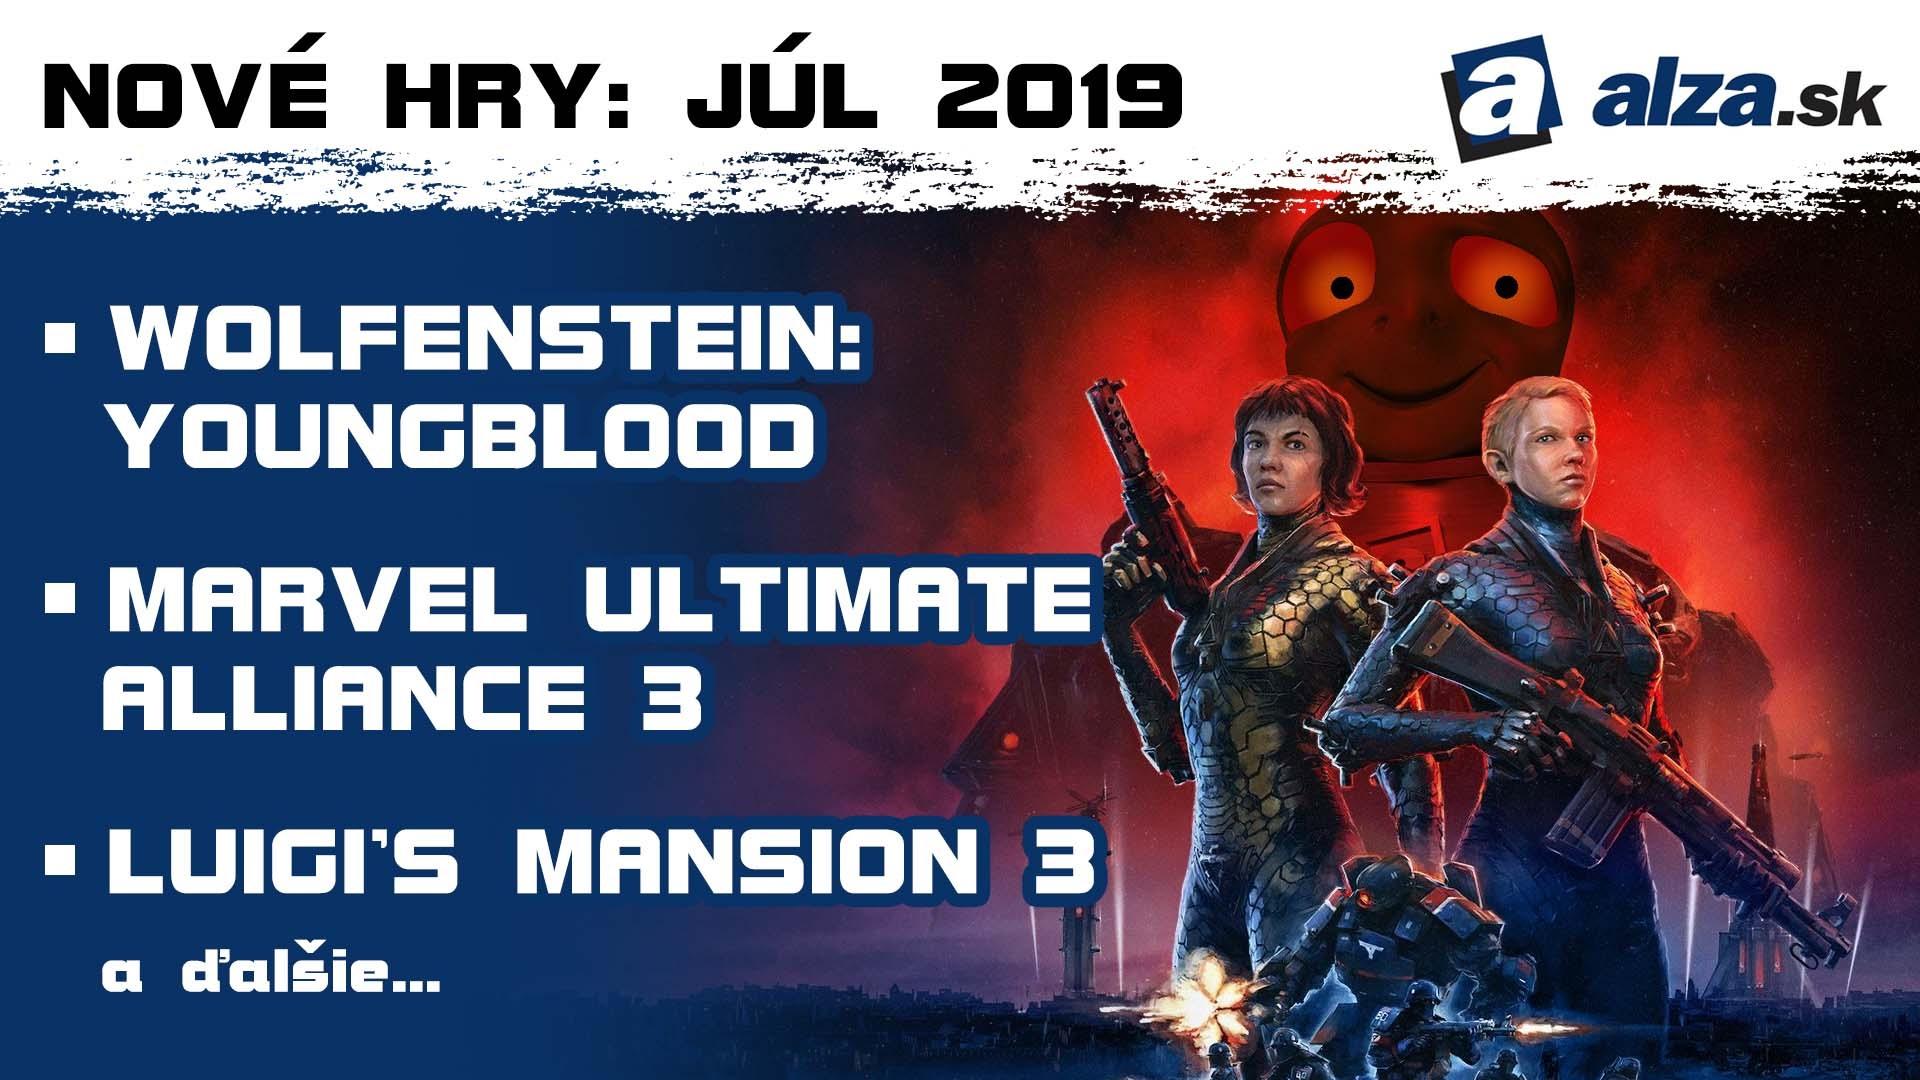 09b0b7e22 Nové hry: květen 2019 - Rage 2